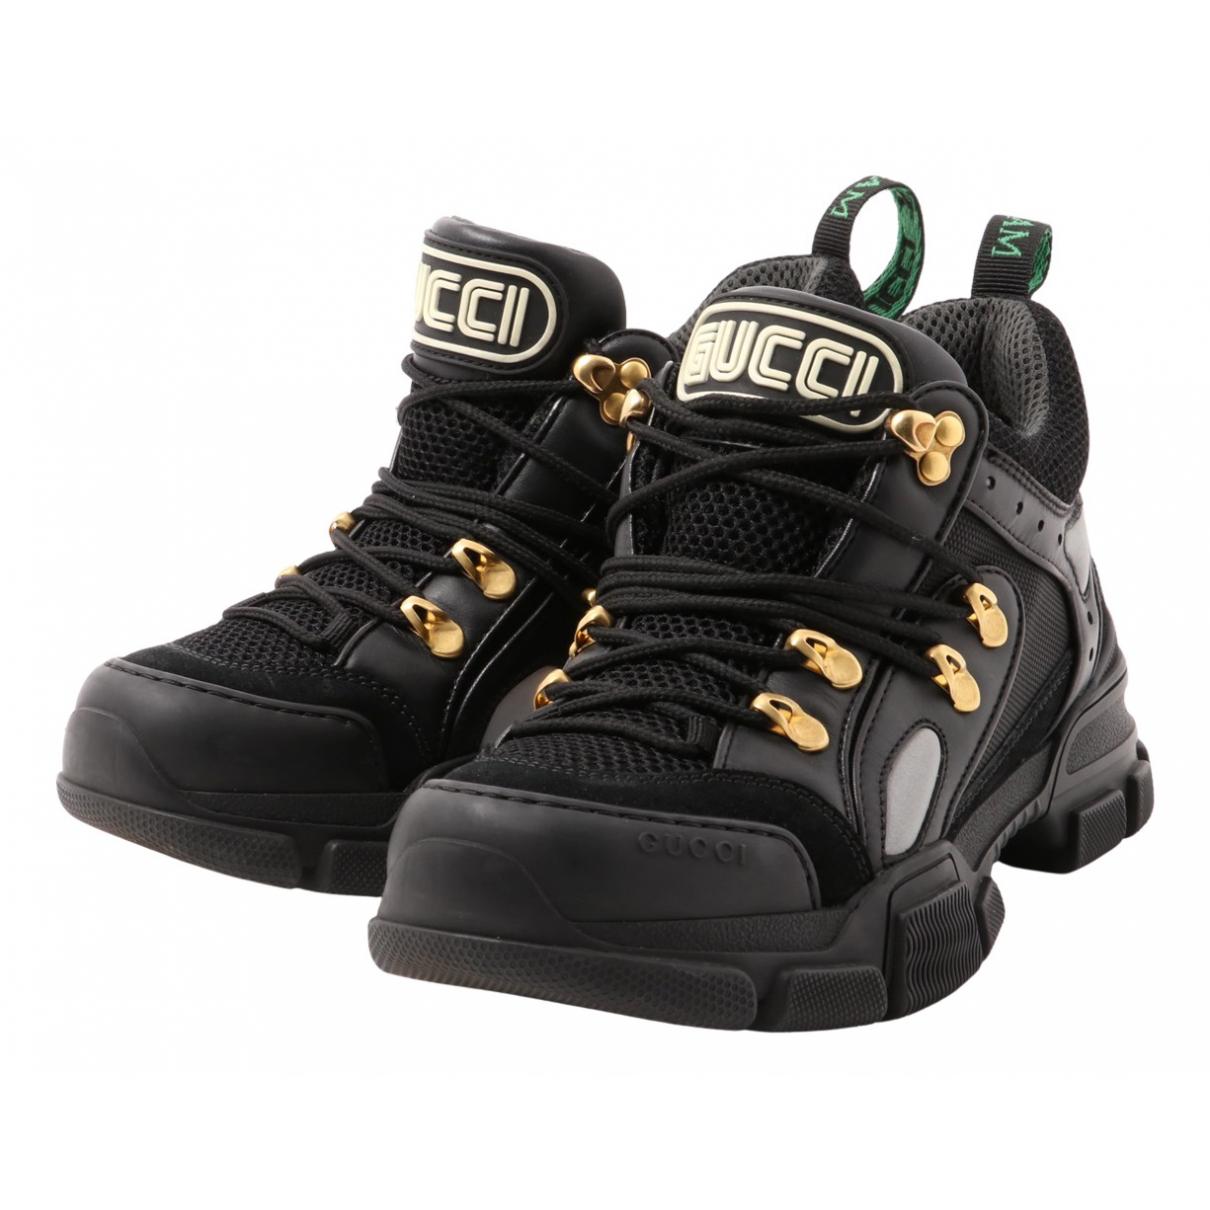 Gucci - Baskets Flashtrek pour femme en cuir - noir